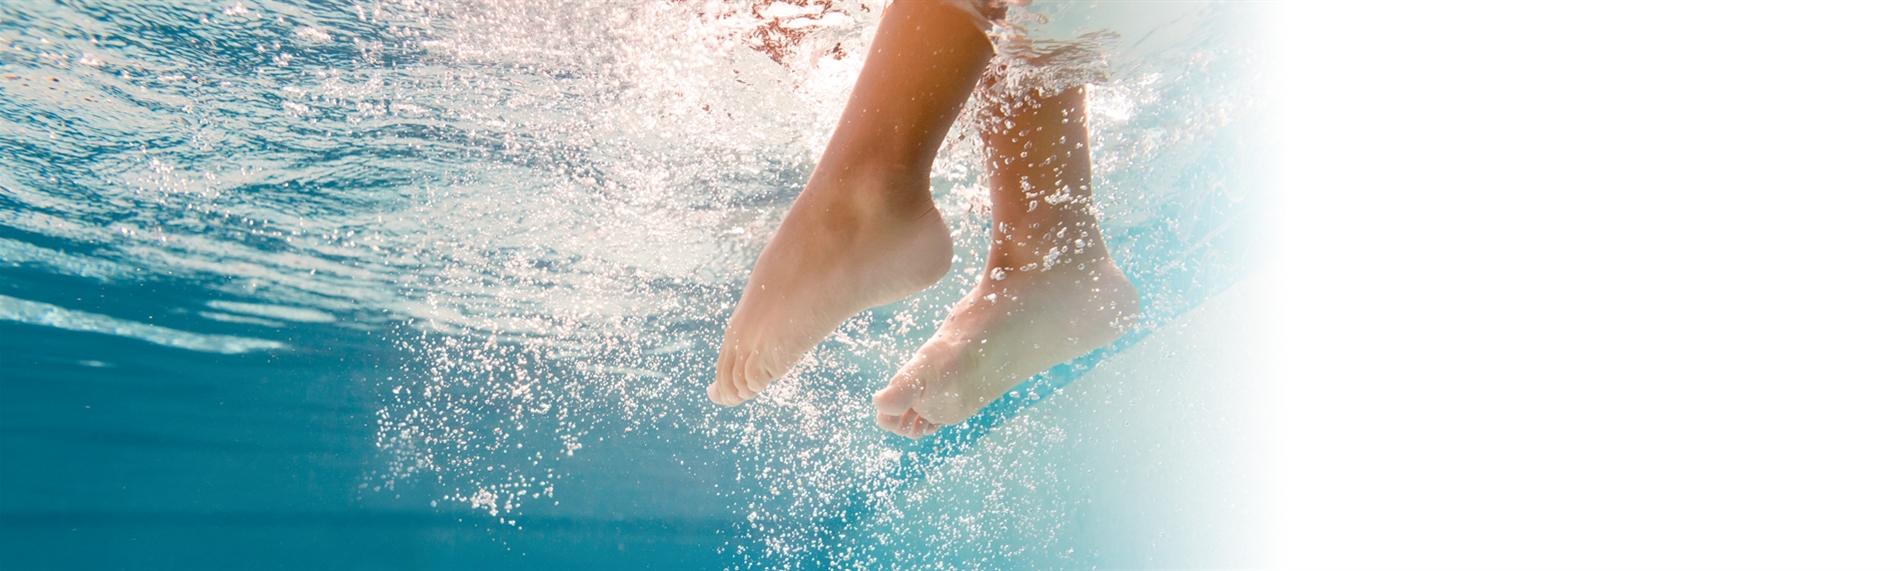 Ontvochtiging voor zwembaden